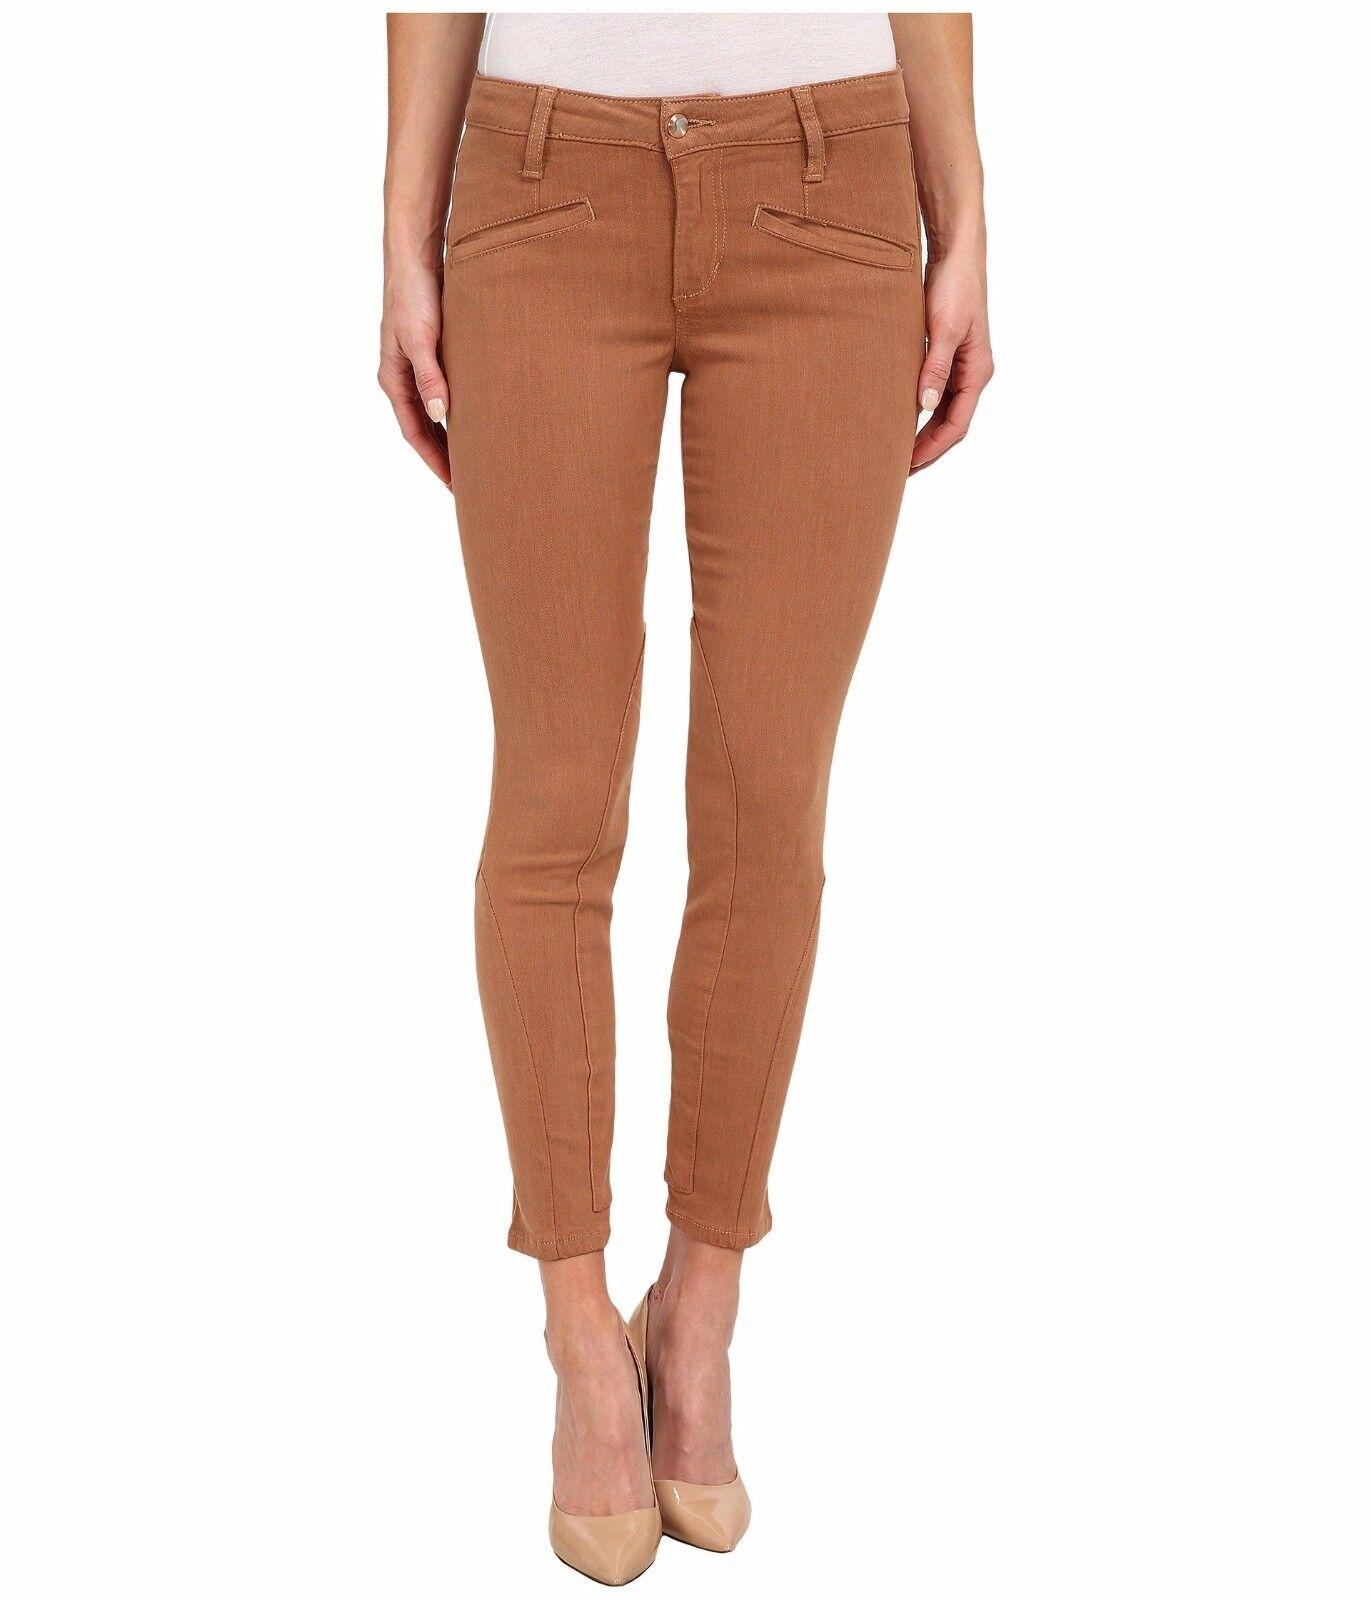 Joe's Jeans Flawless Mustang Skinny Ankle Denim Pants Suede Wash 28  189 Nwt